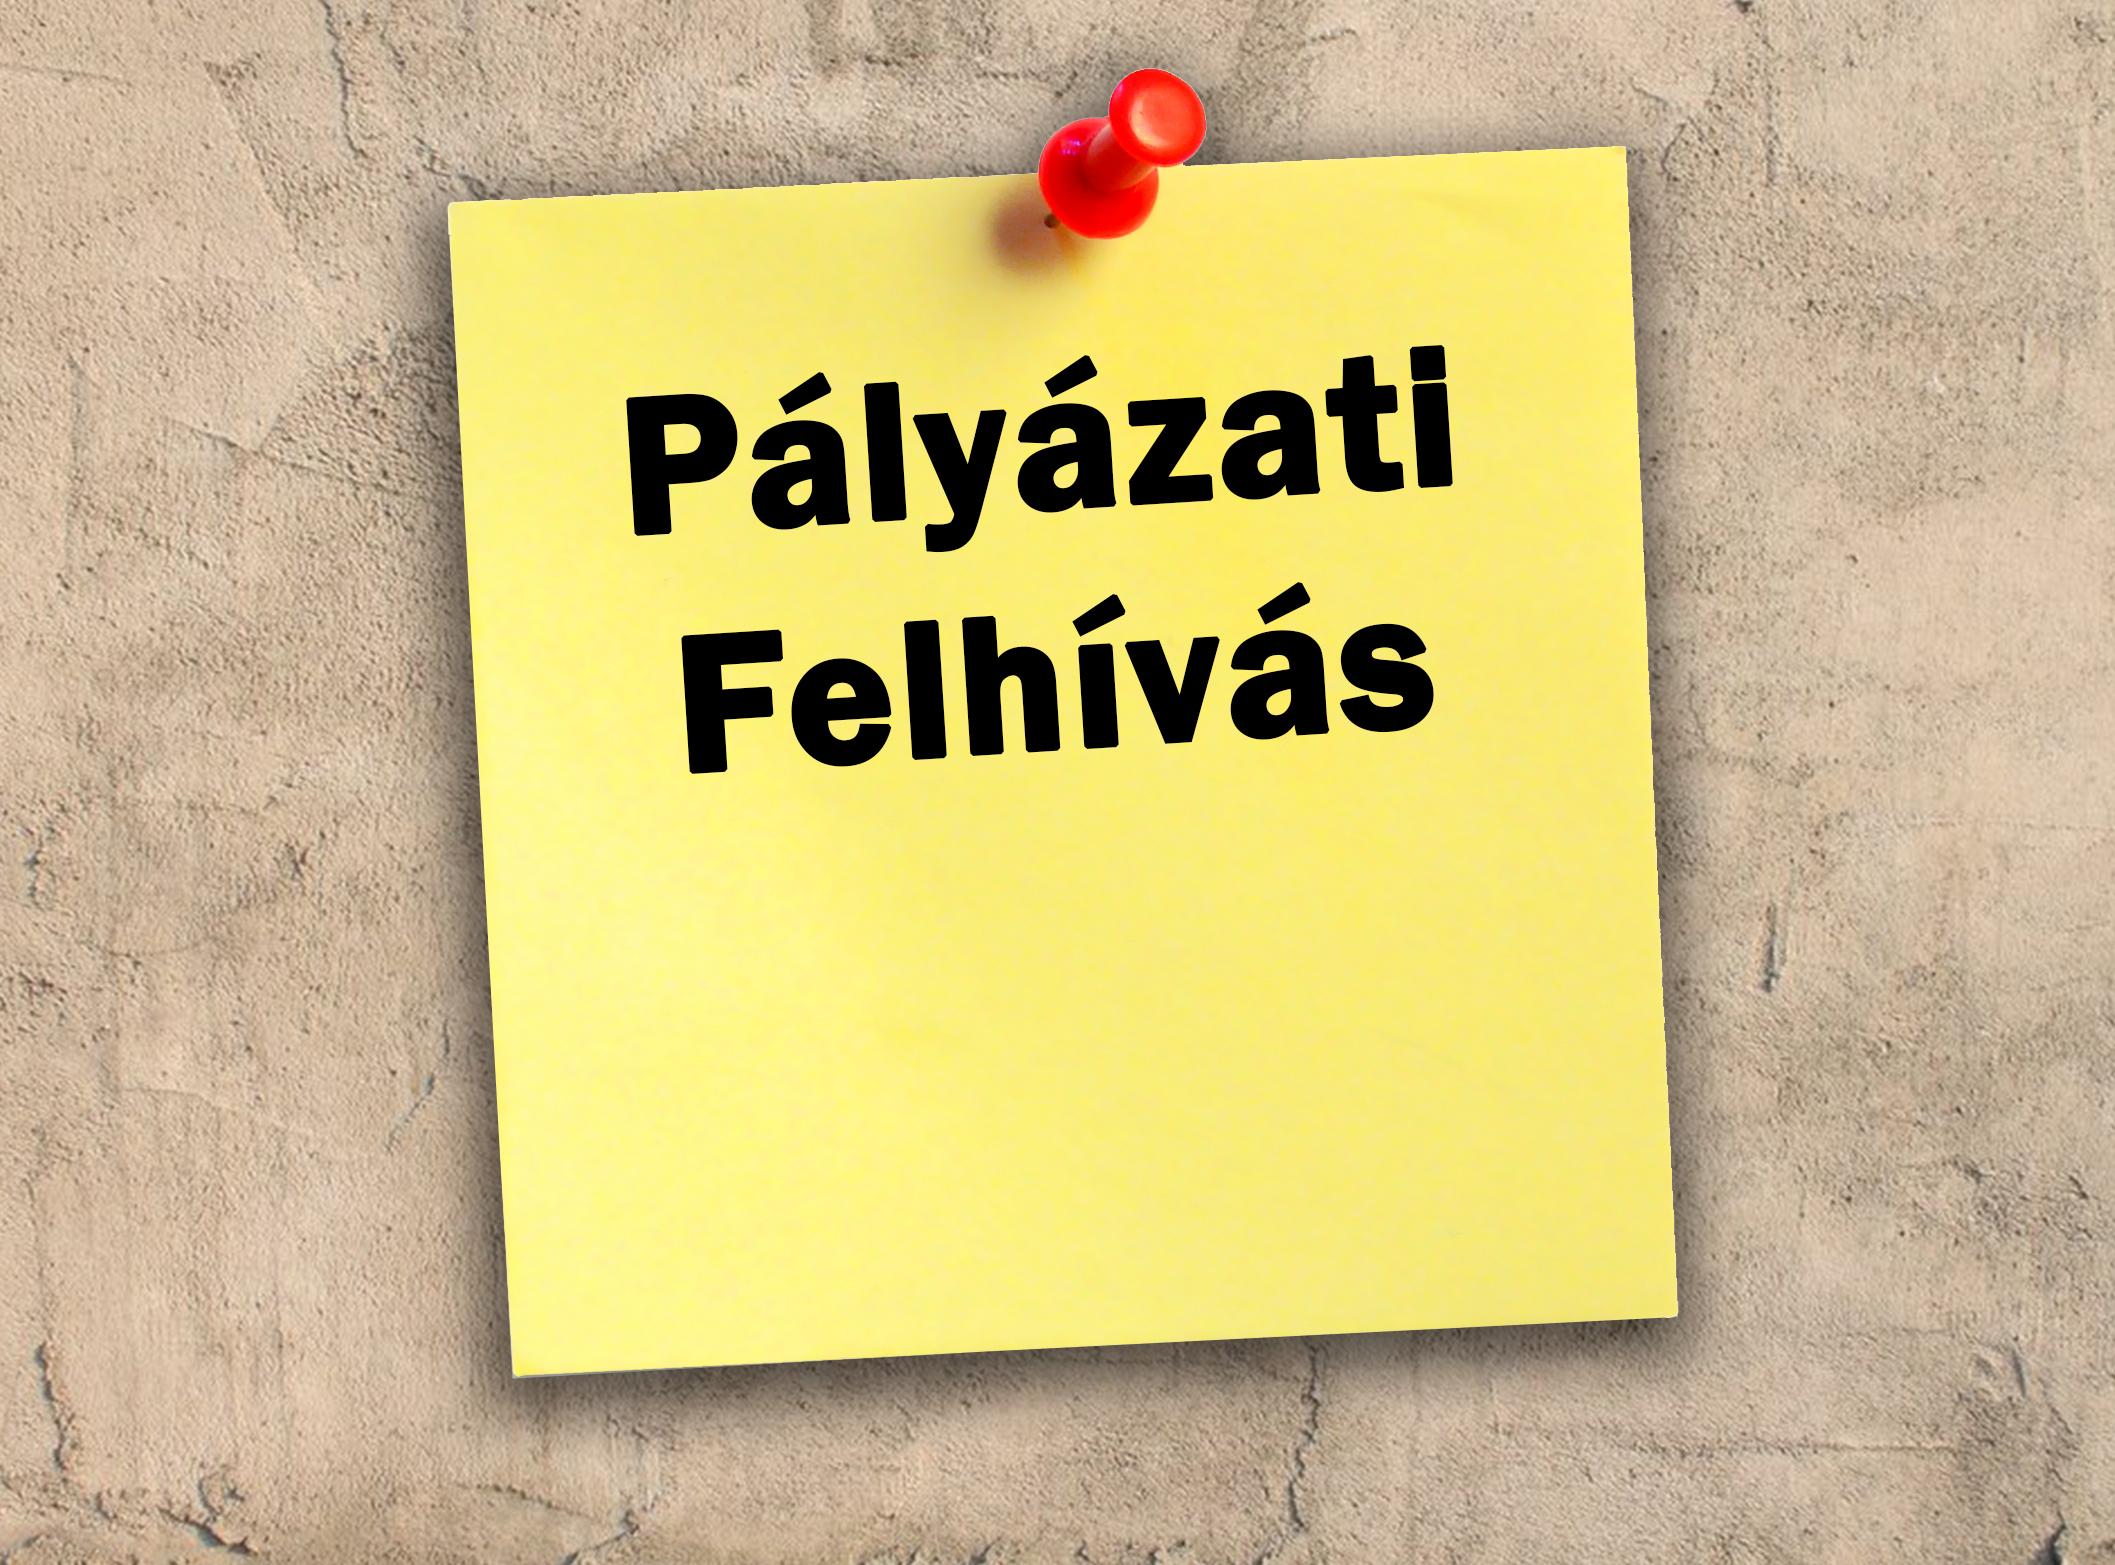 Pályázati felhívás-Derecske, Köztársaság út 125/1.